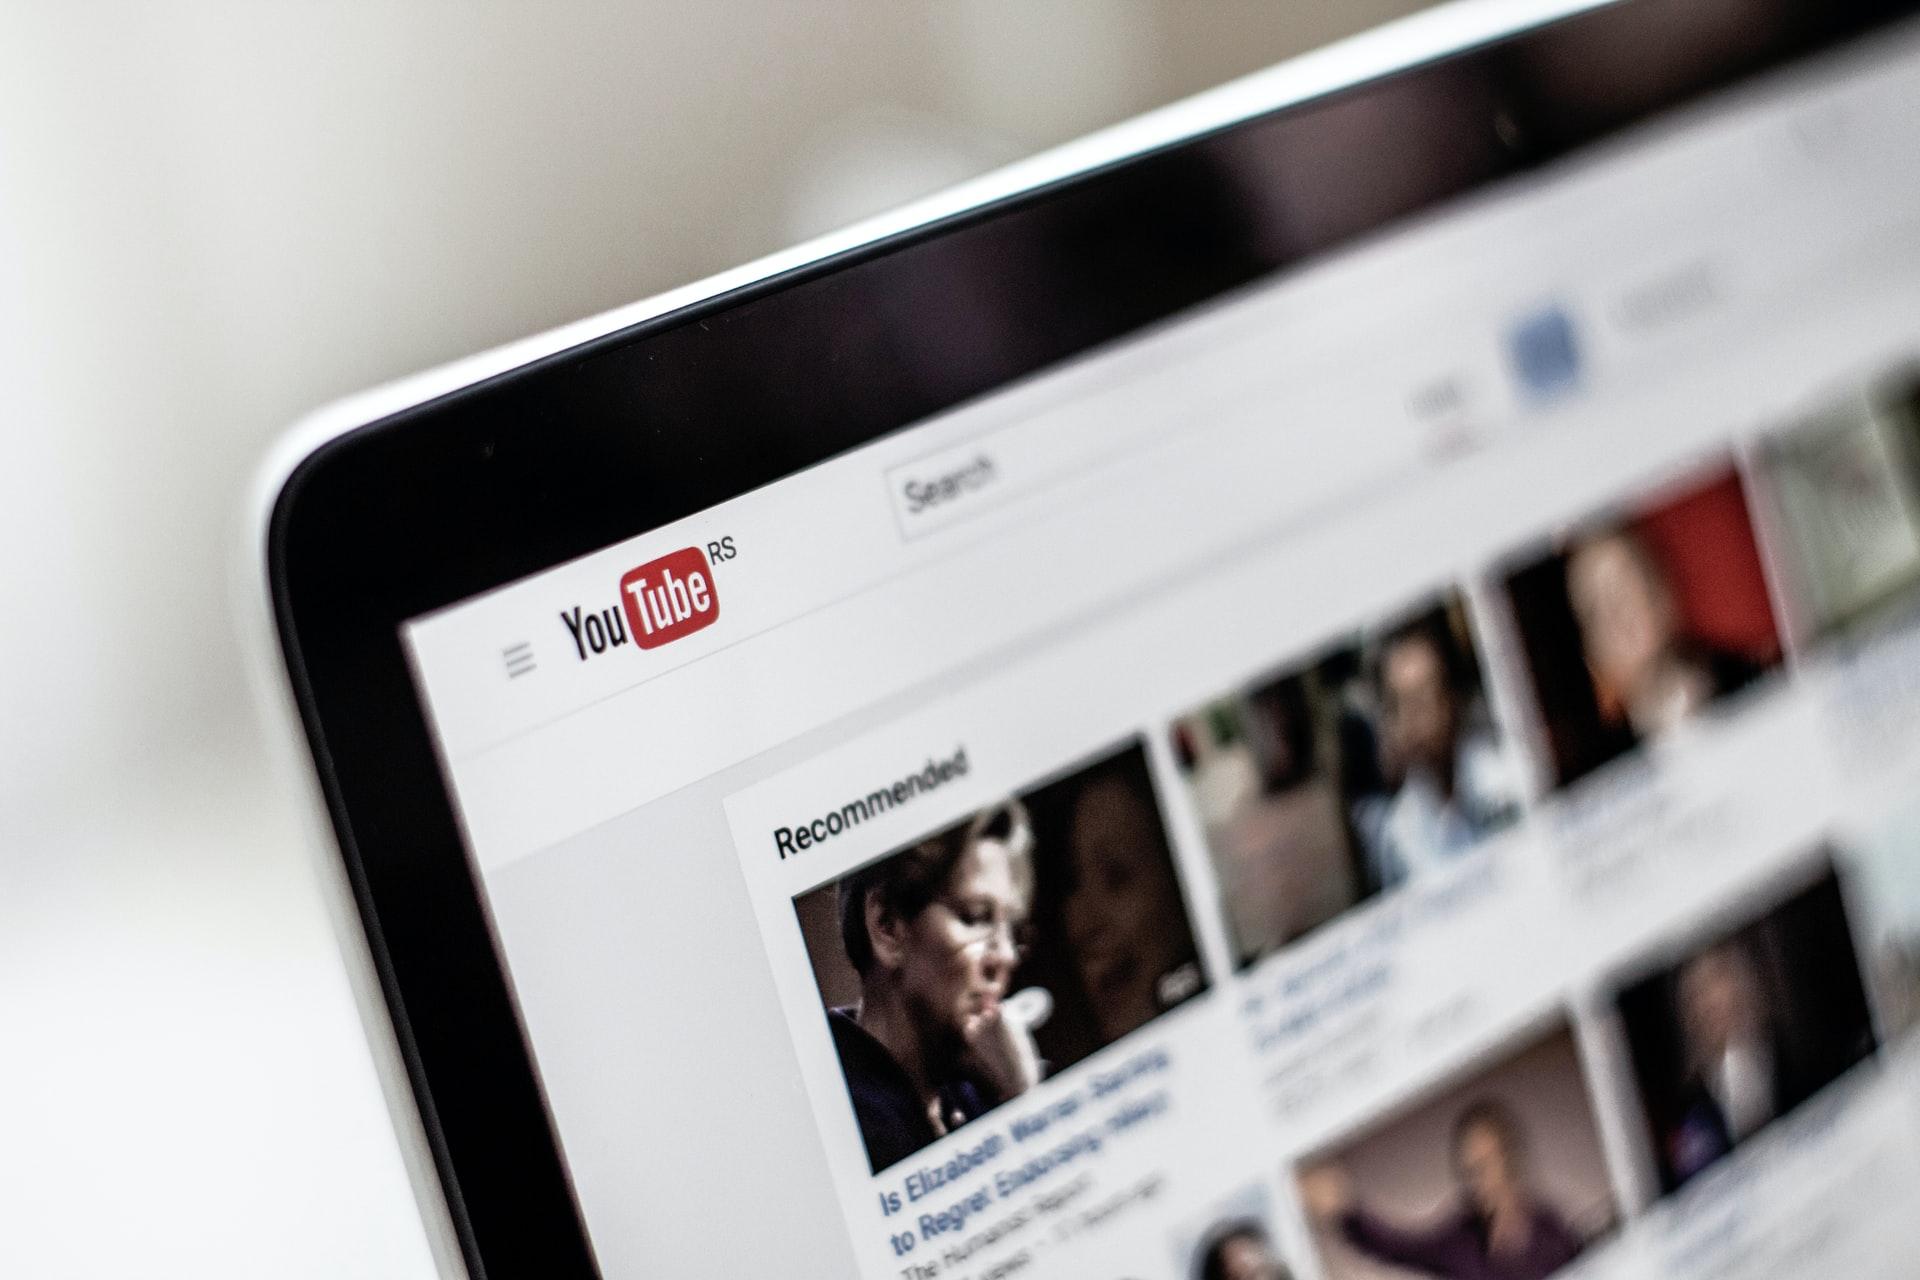 laptop-youtube-browsing